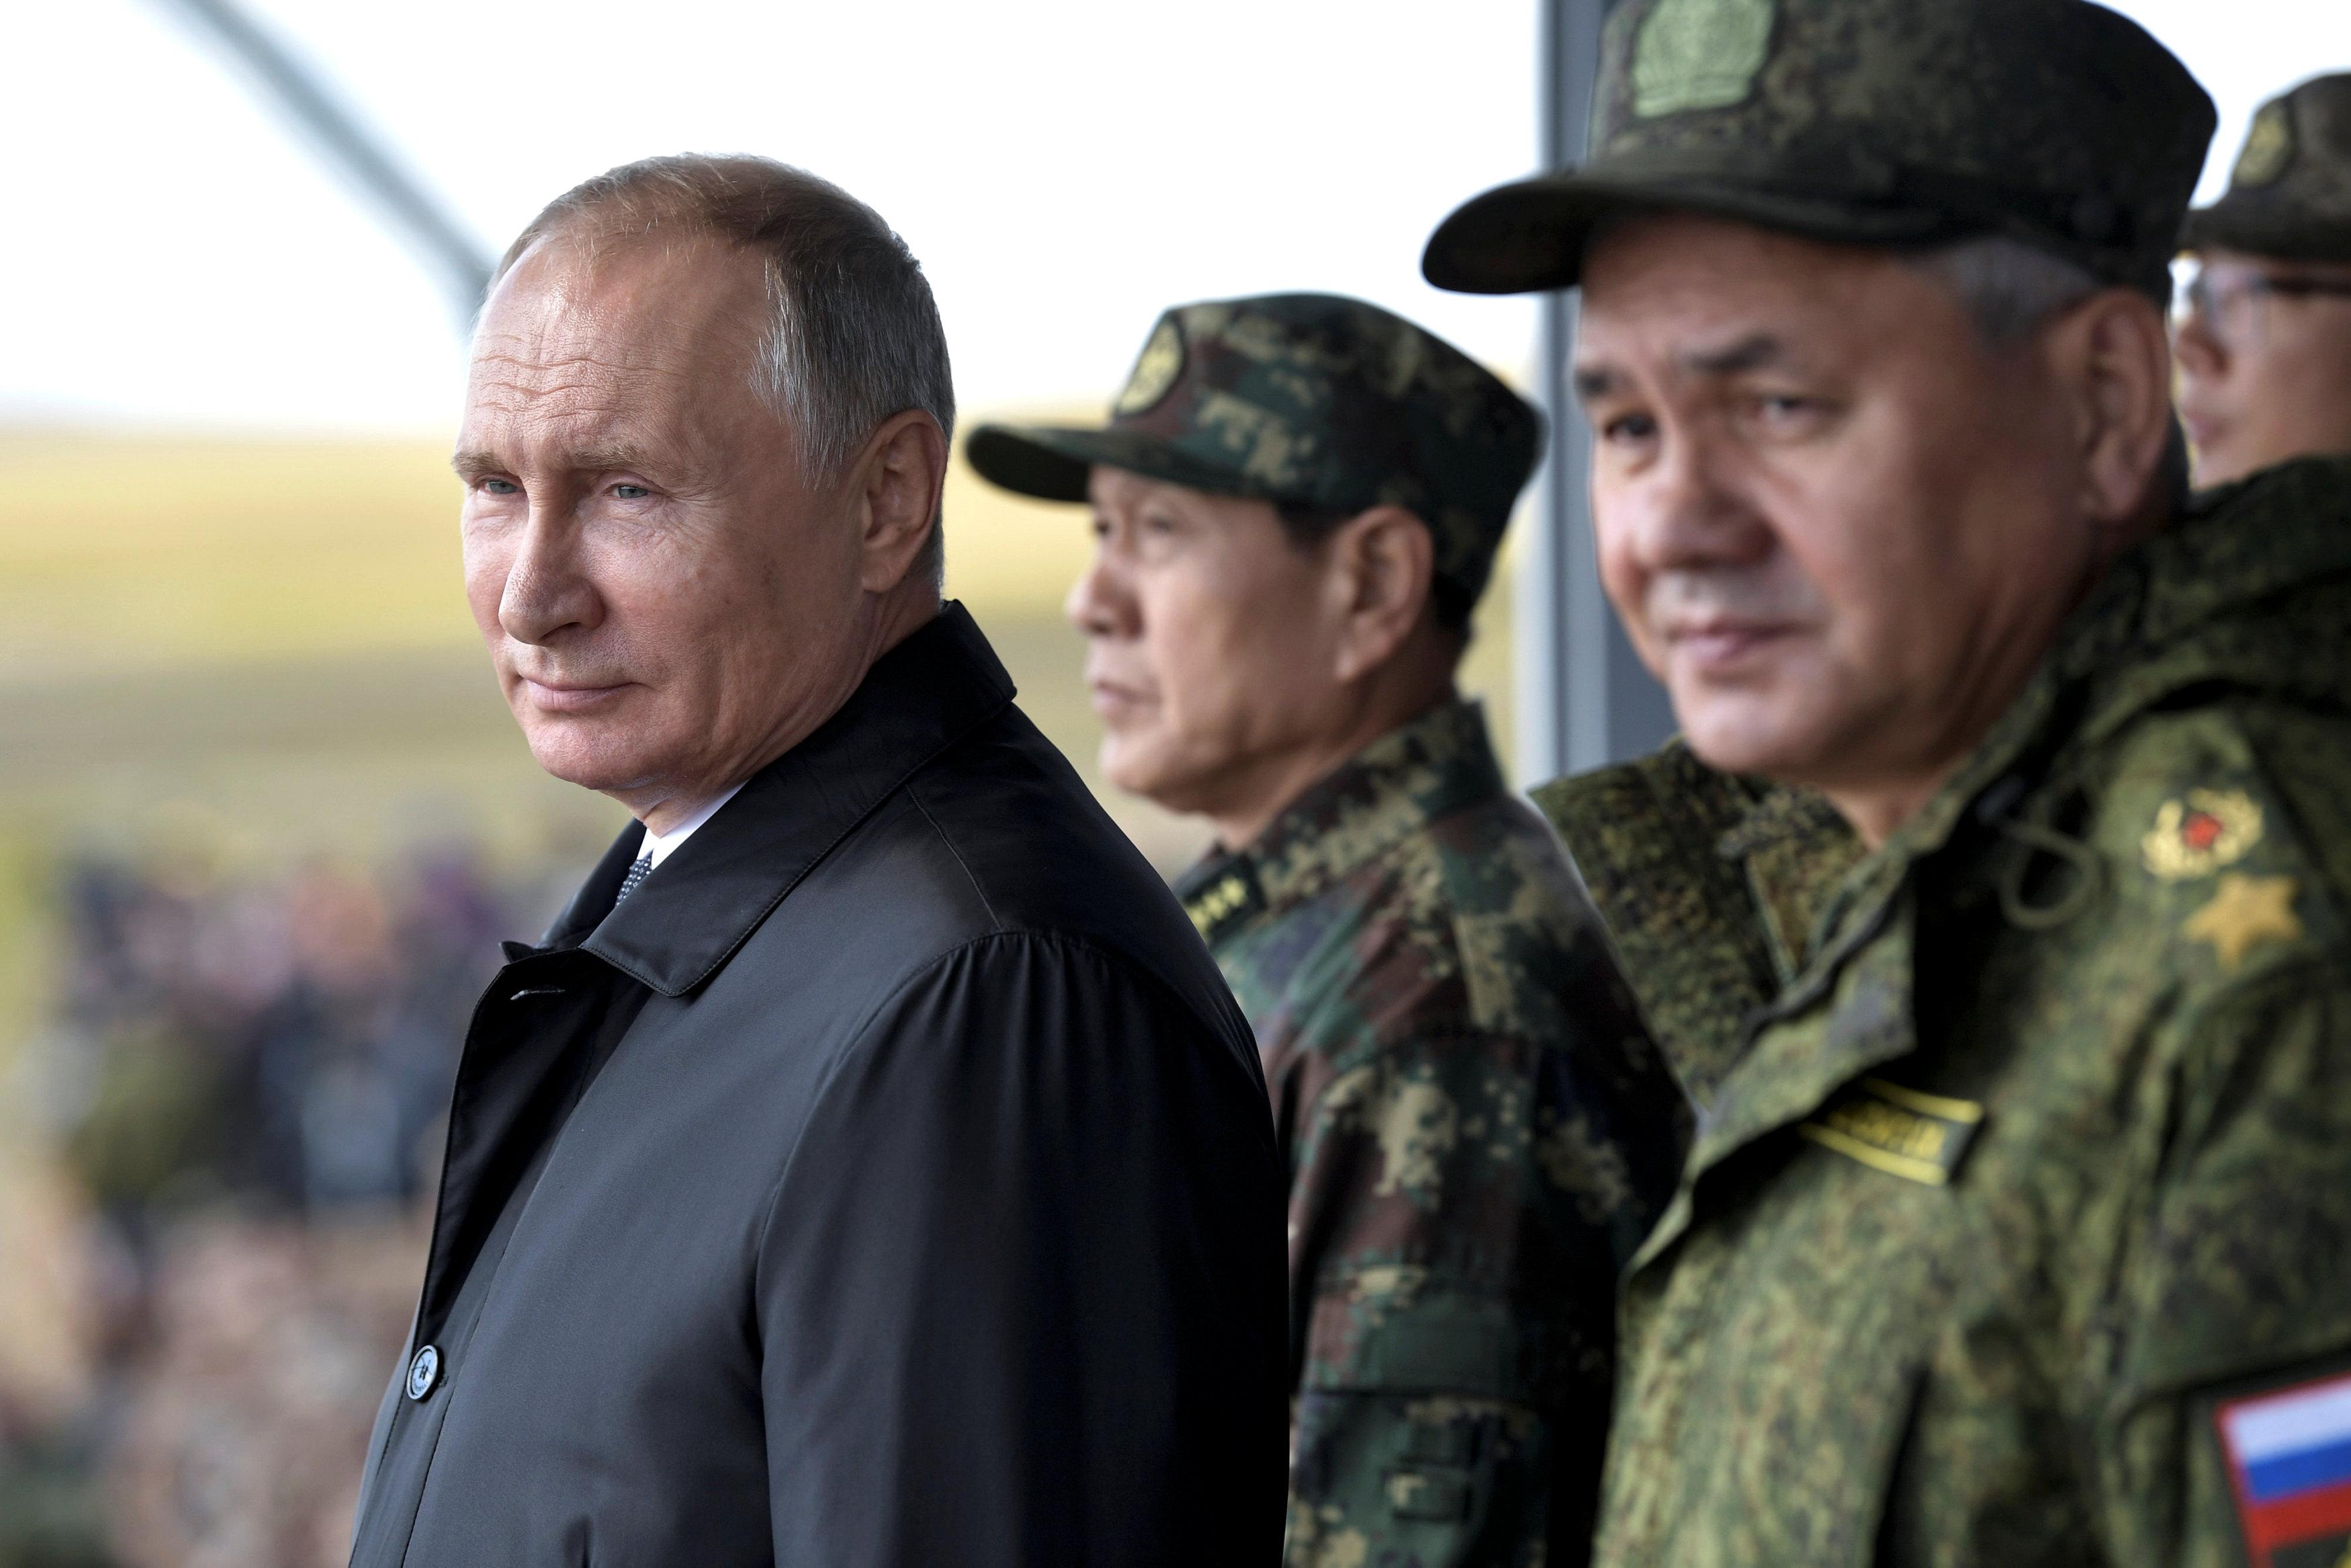 الرئيس الروسى وسط القيادات العسكرية فى بلاده